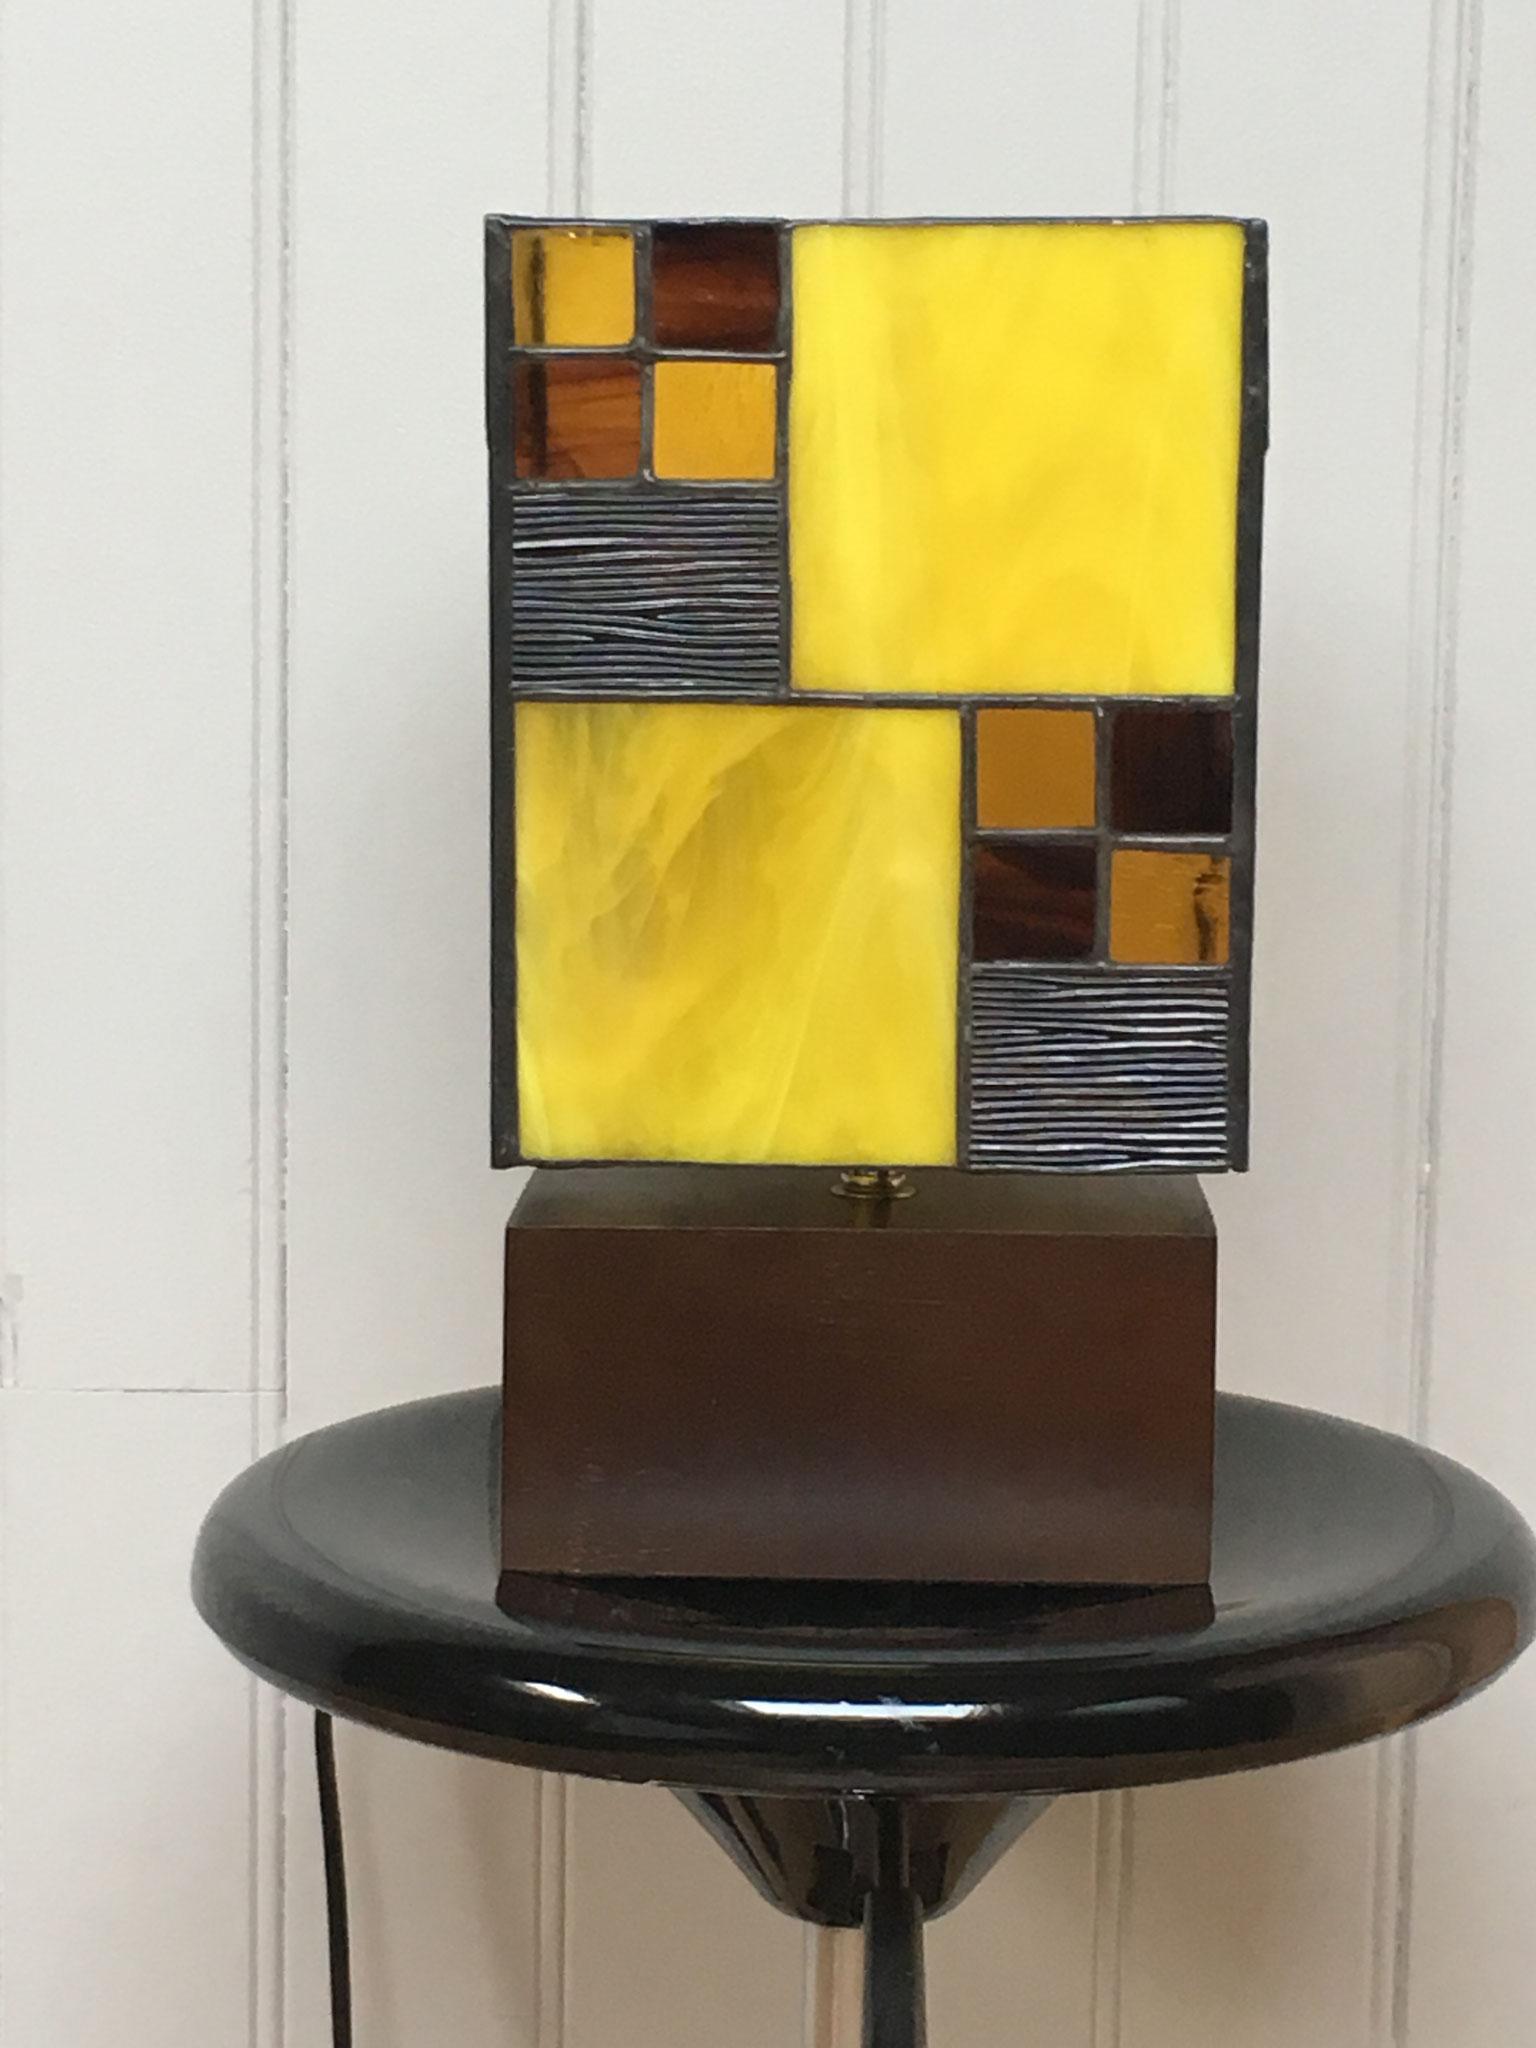 Lampe réalisée en Tiffany sur socle en bois Eteinte